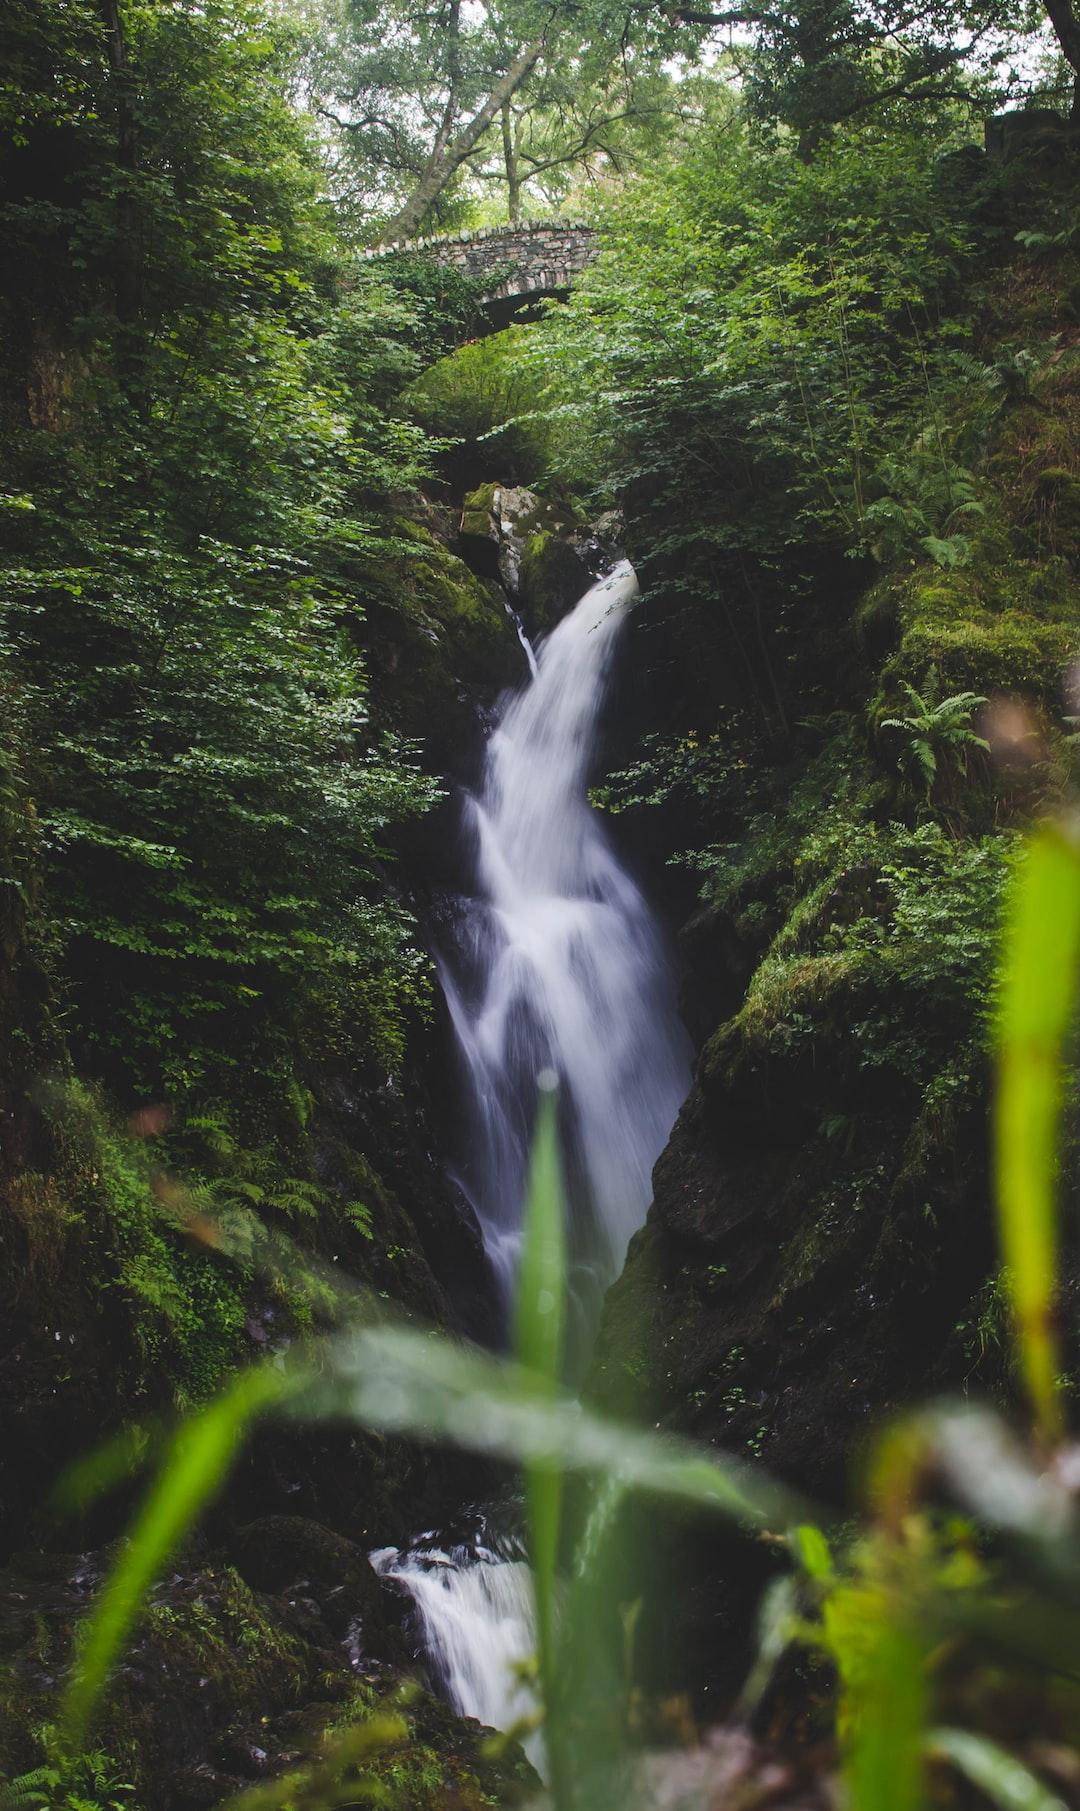 Waterfall drops below old stone bridge in forest